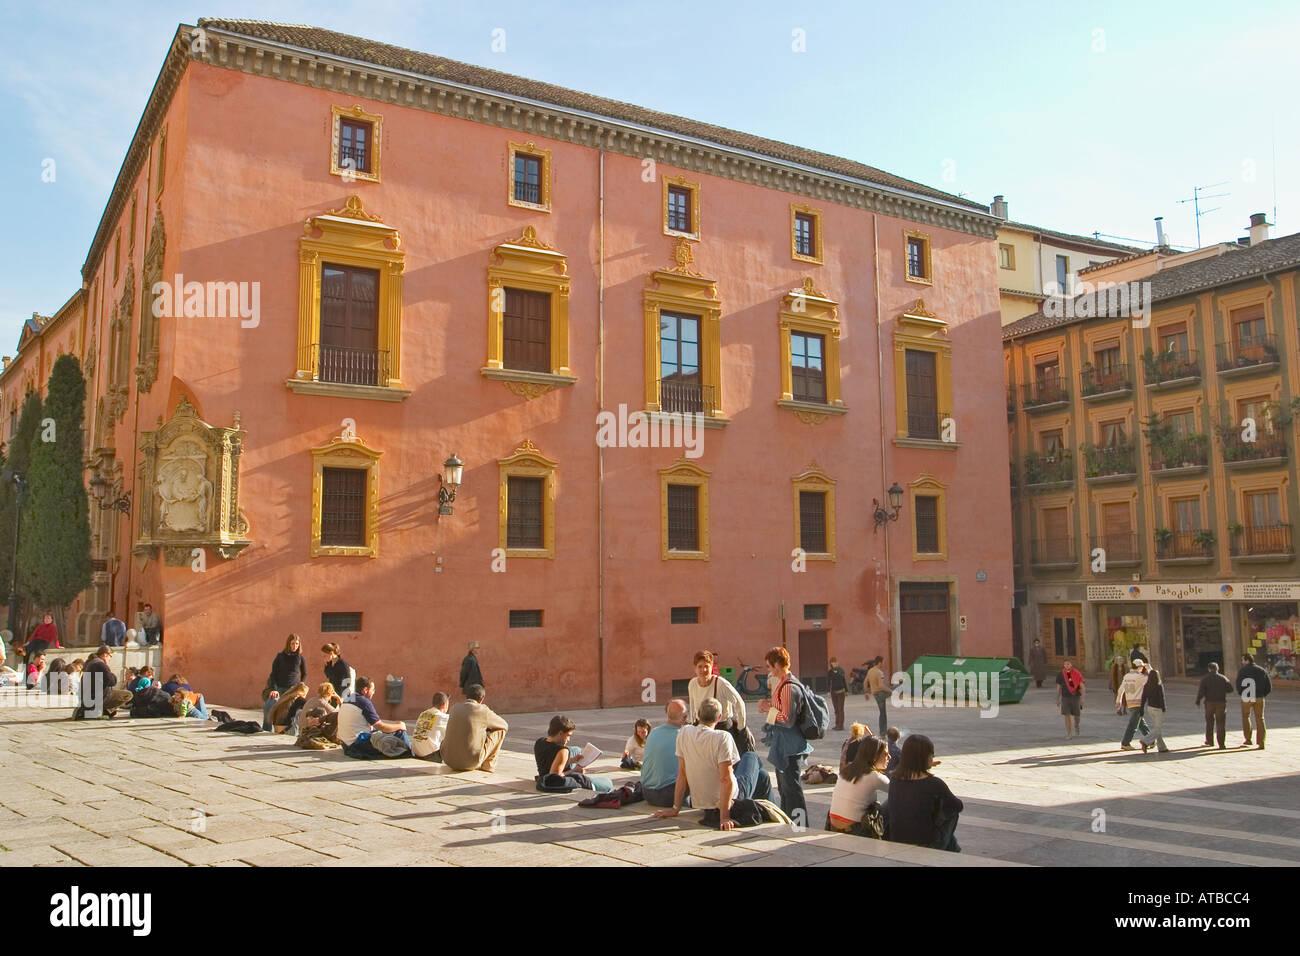 Granada Spain Universidad Vieja y Curia Old University and Curia - Stock Image